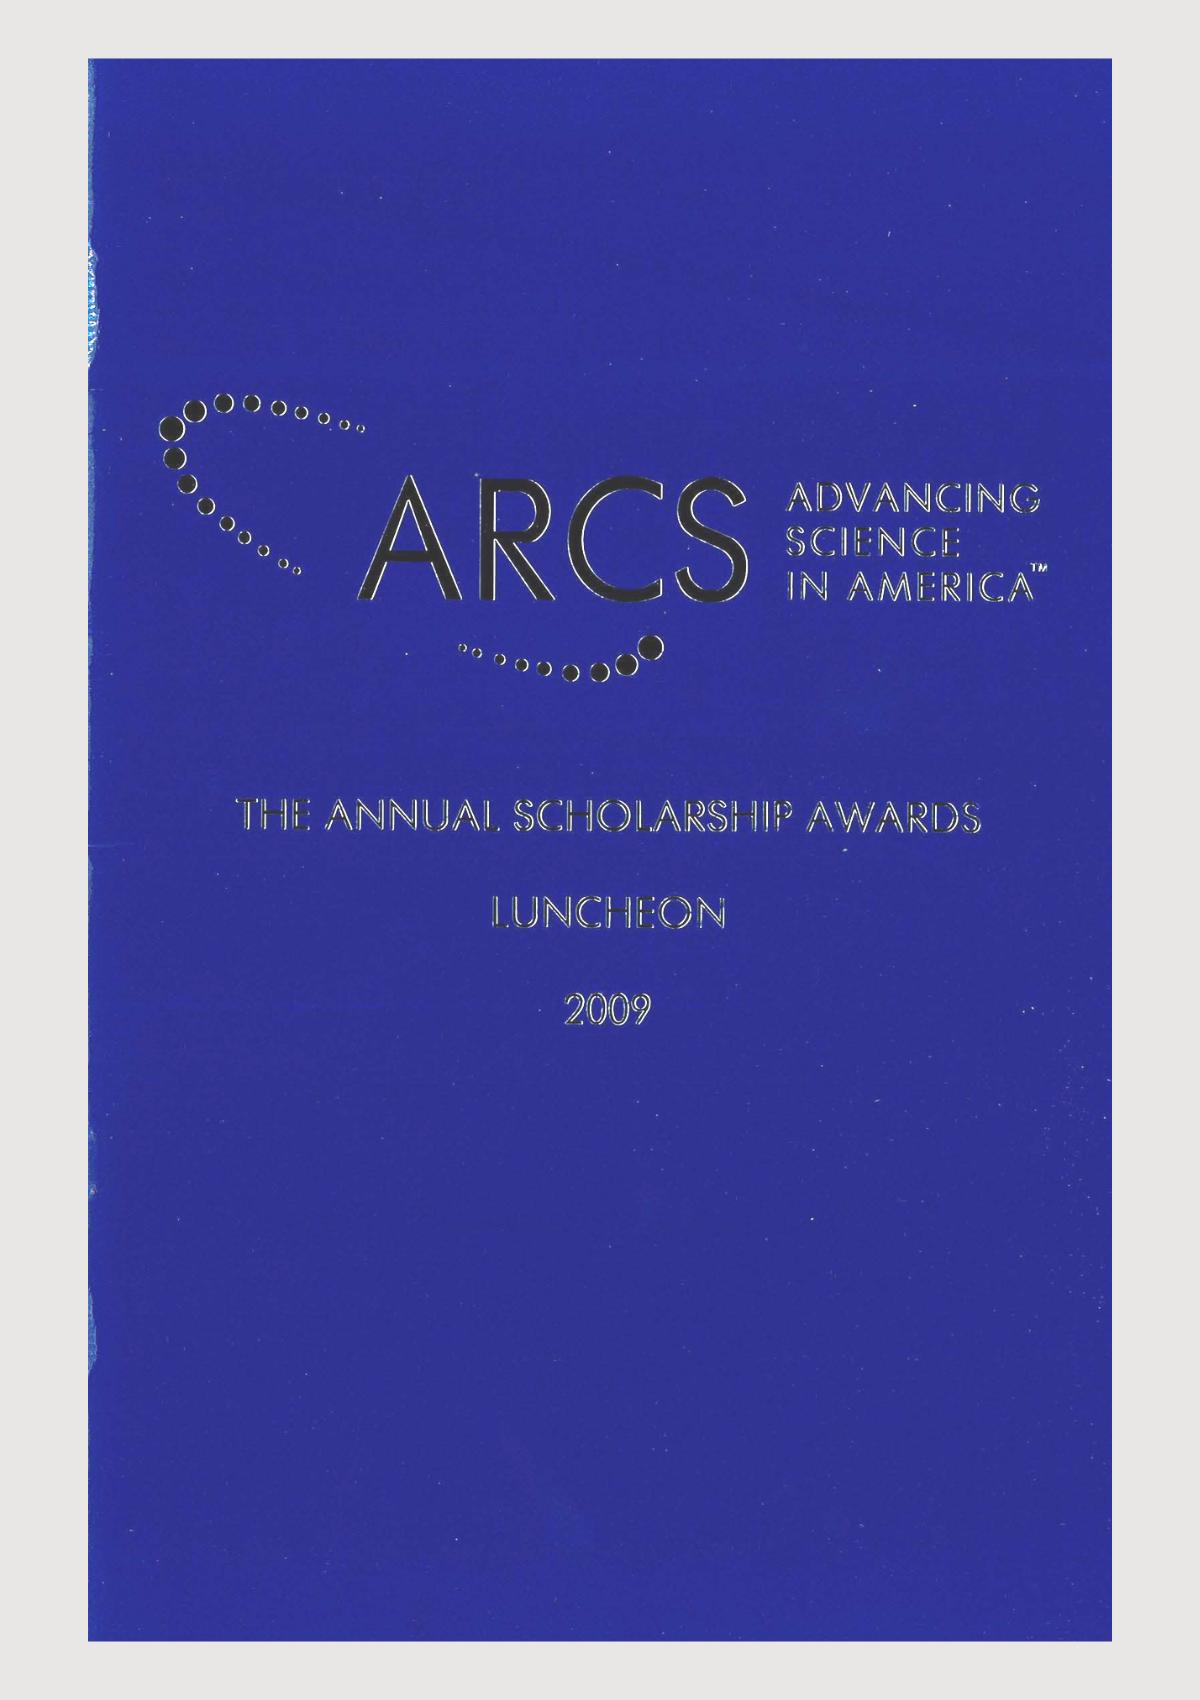 Scholar Yearbook – 2009